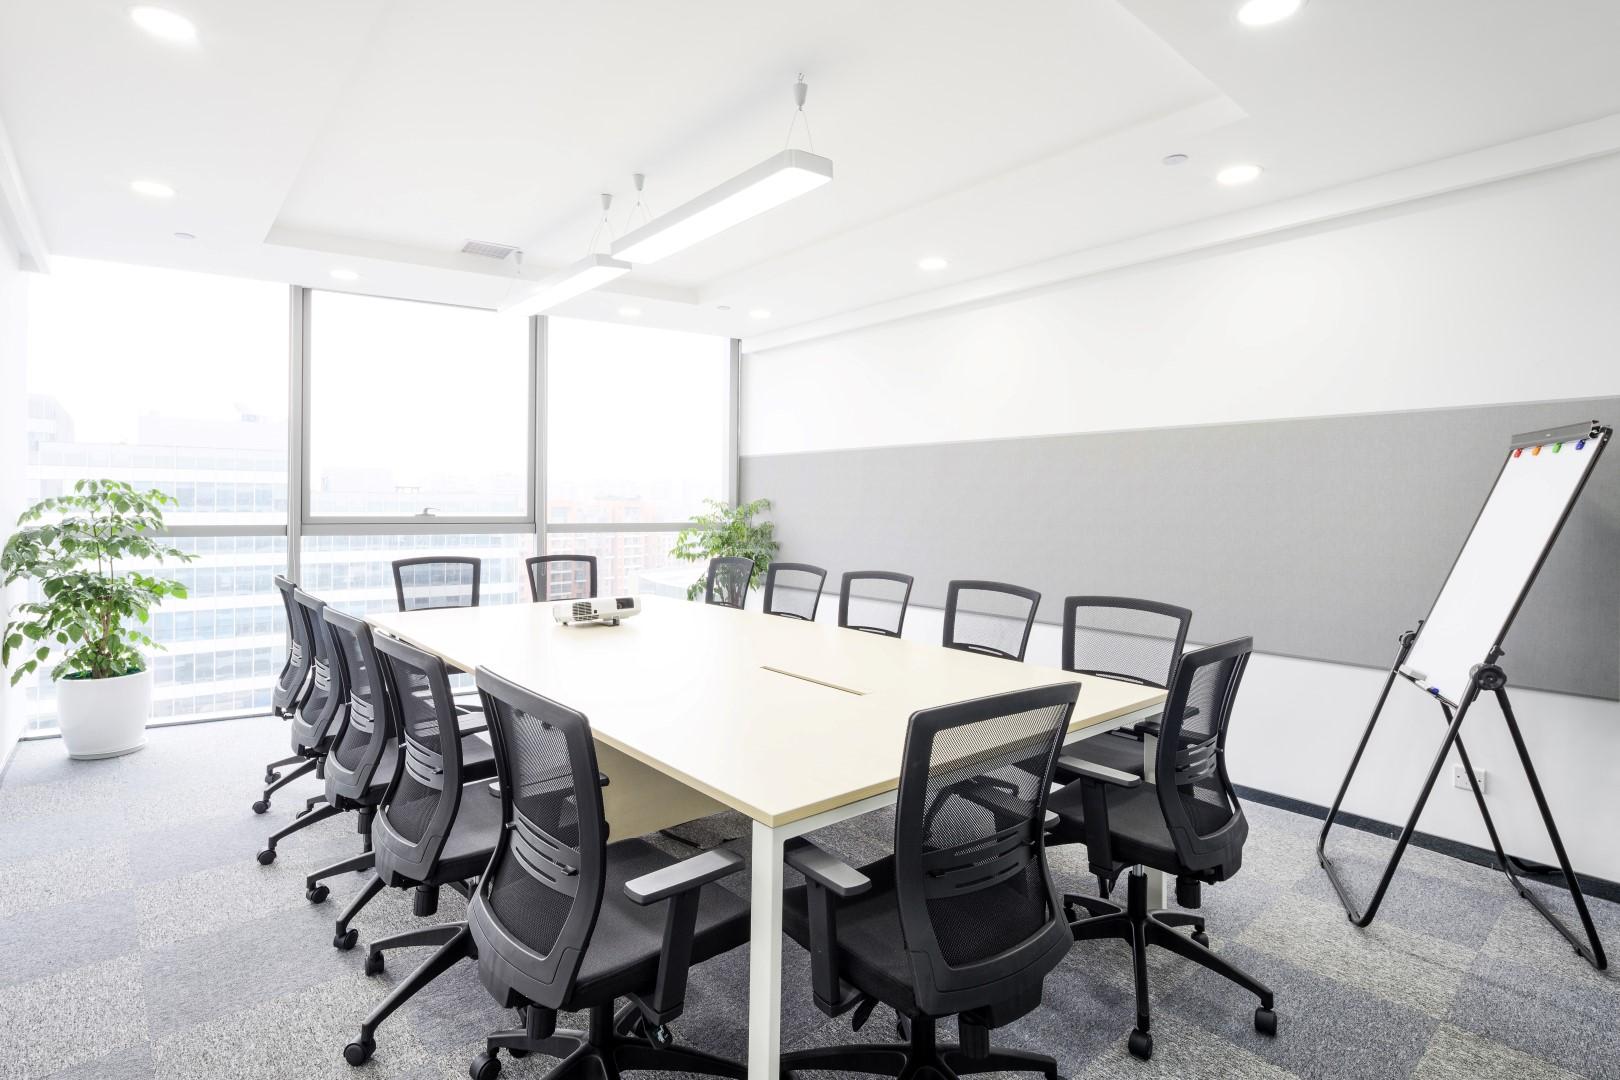 offices proper acoustics